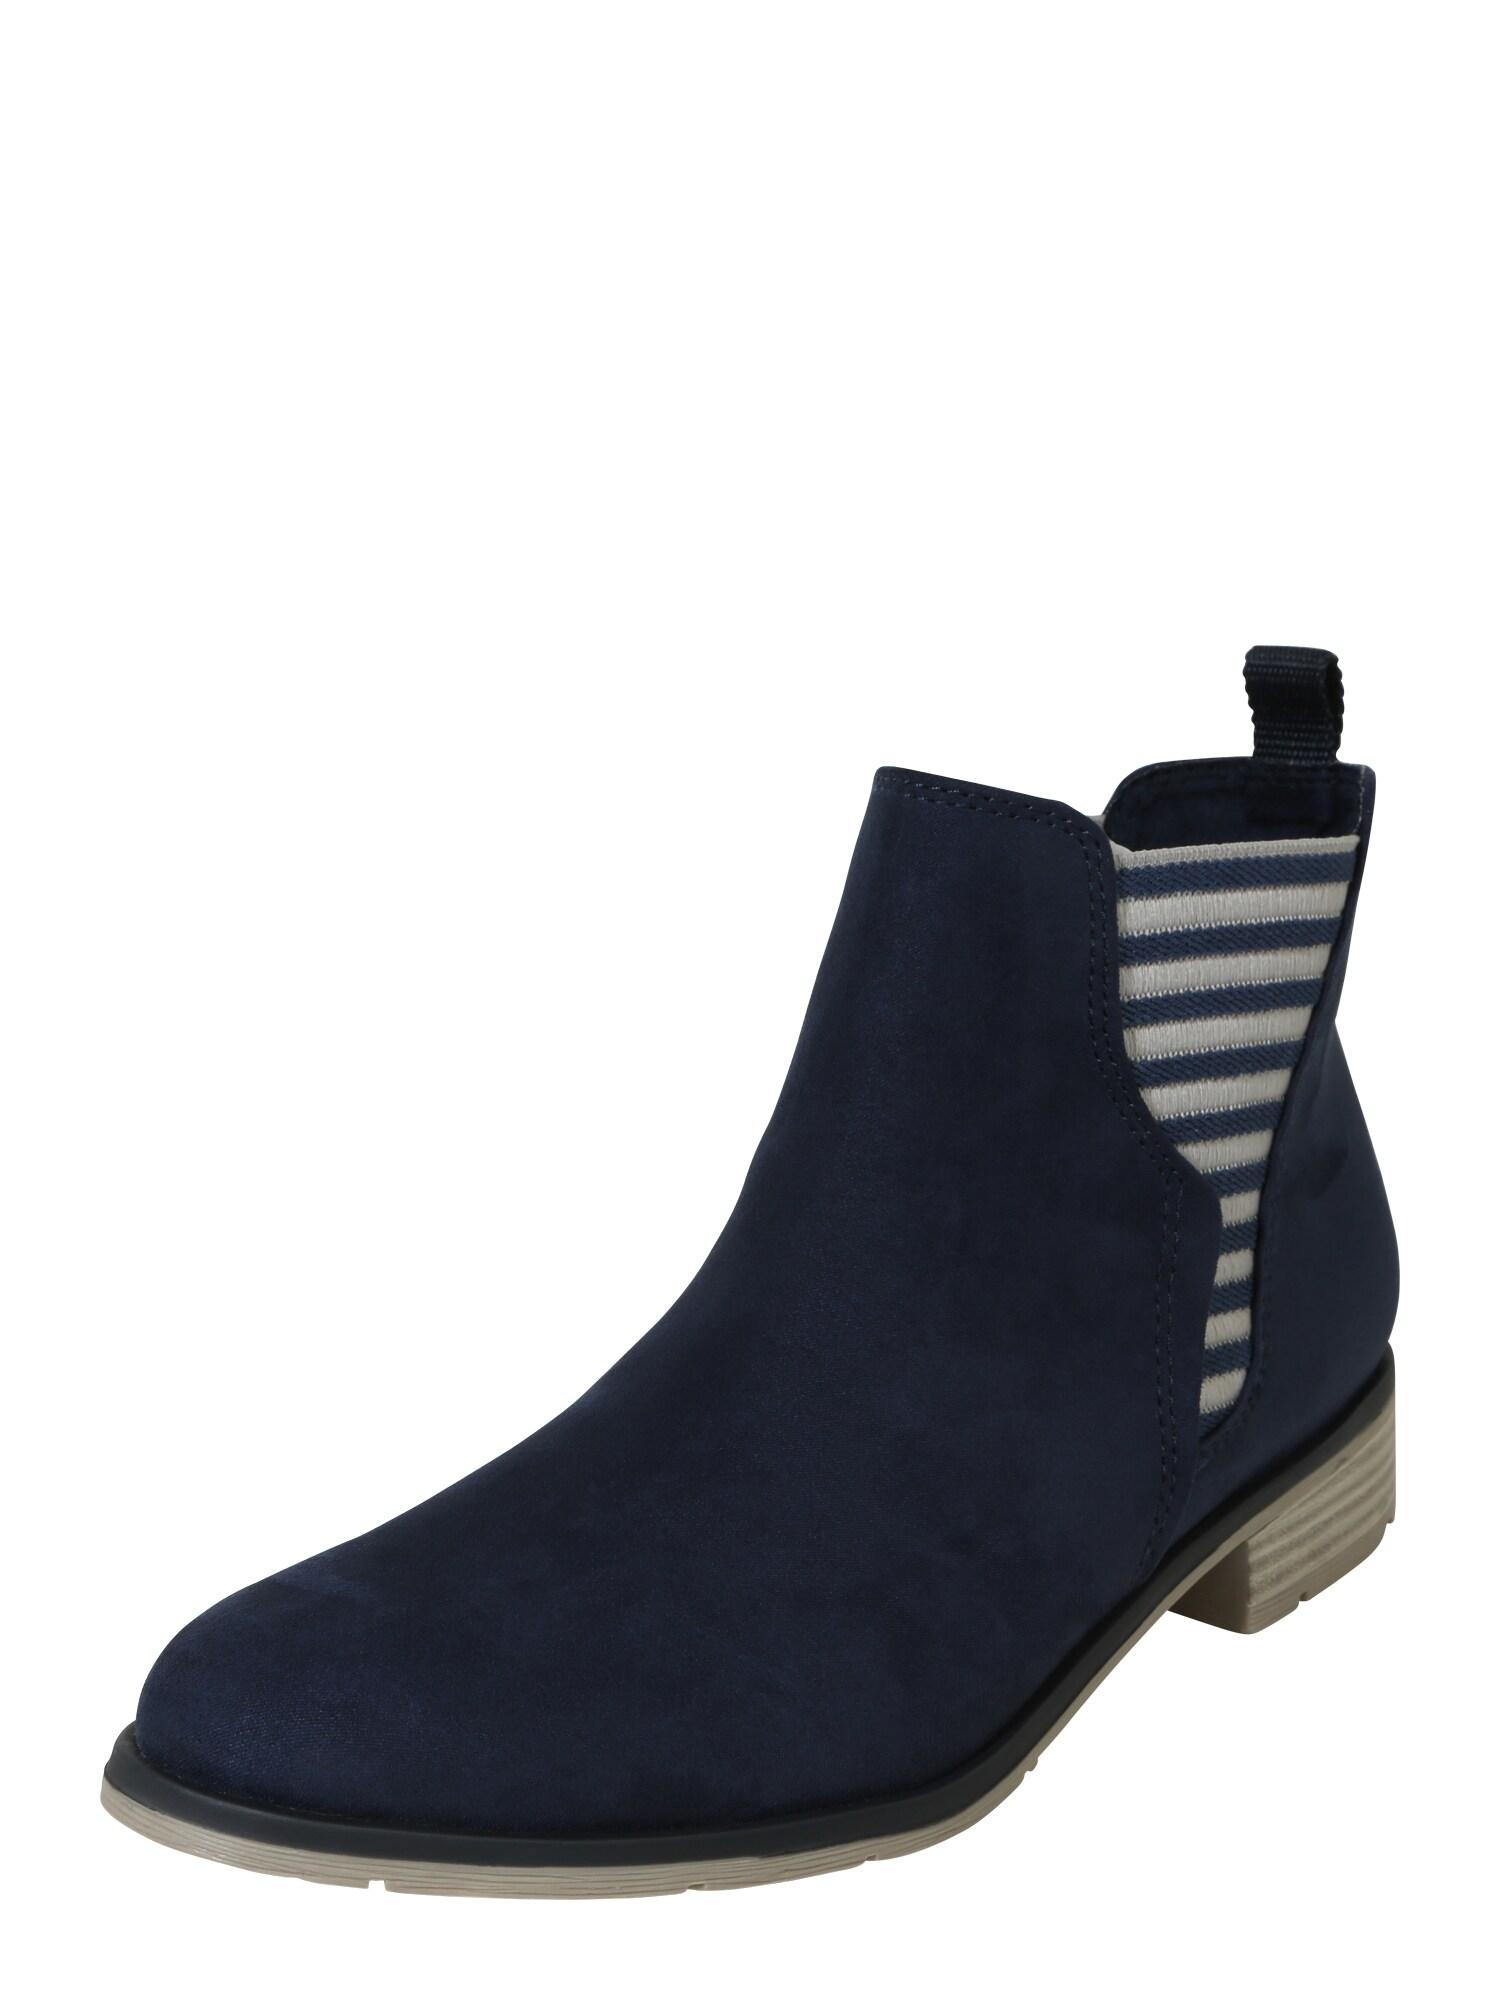 Chelsea boty námořnická modř MARCO TOZZI